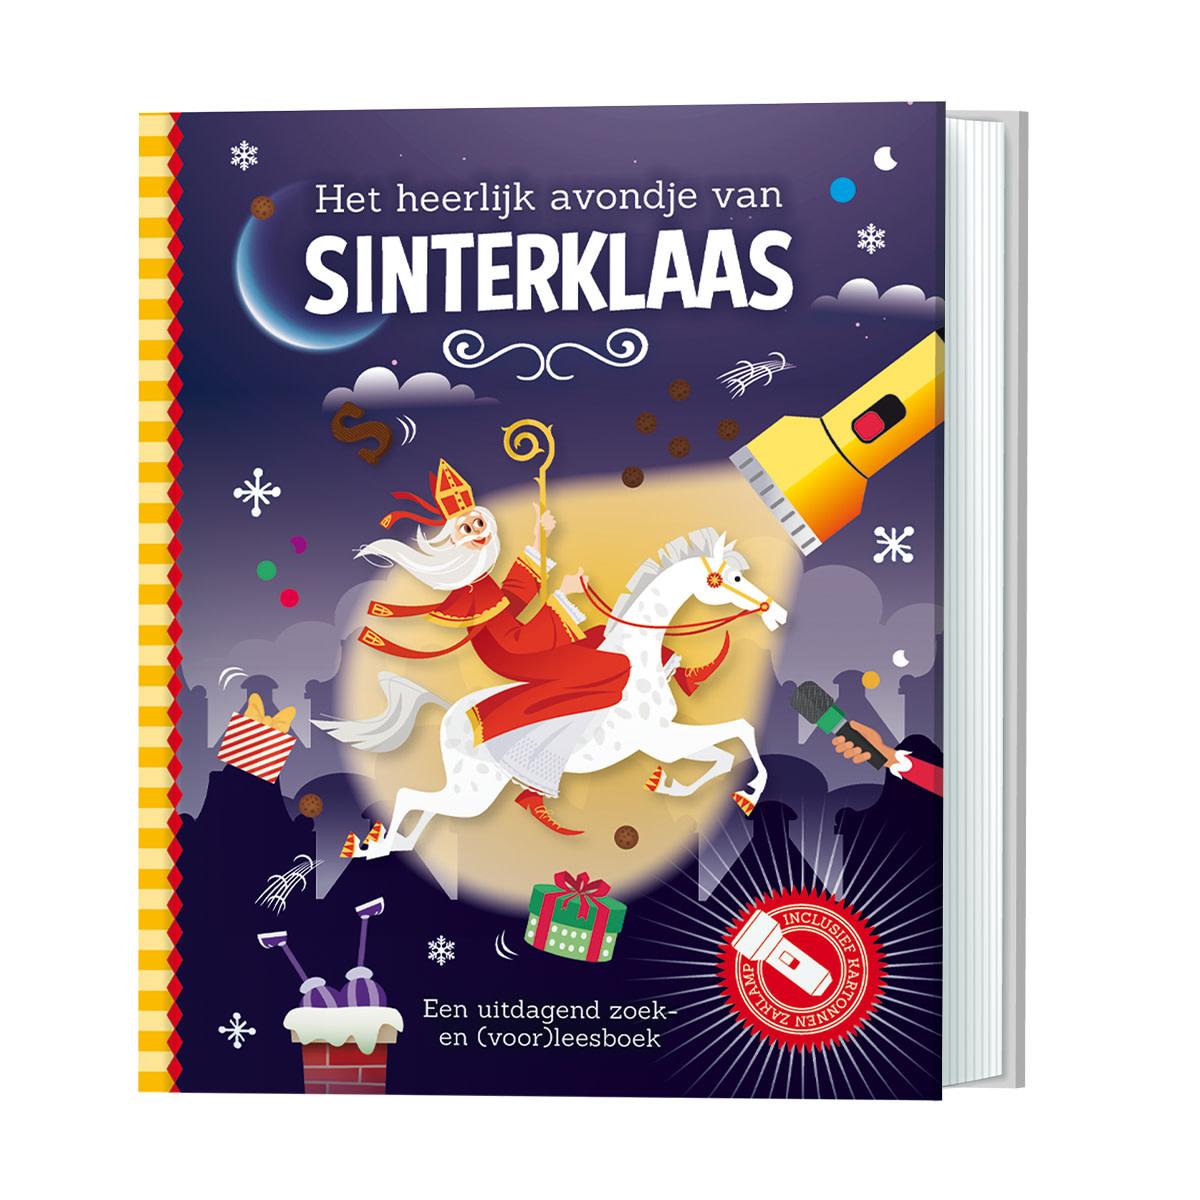 Zaklampboek - het heerlijk avondje van Sinterklaas-1